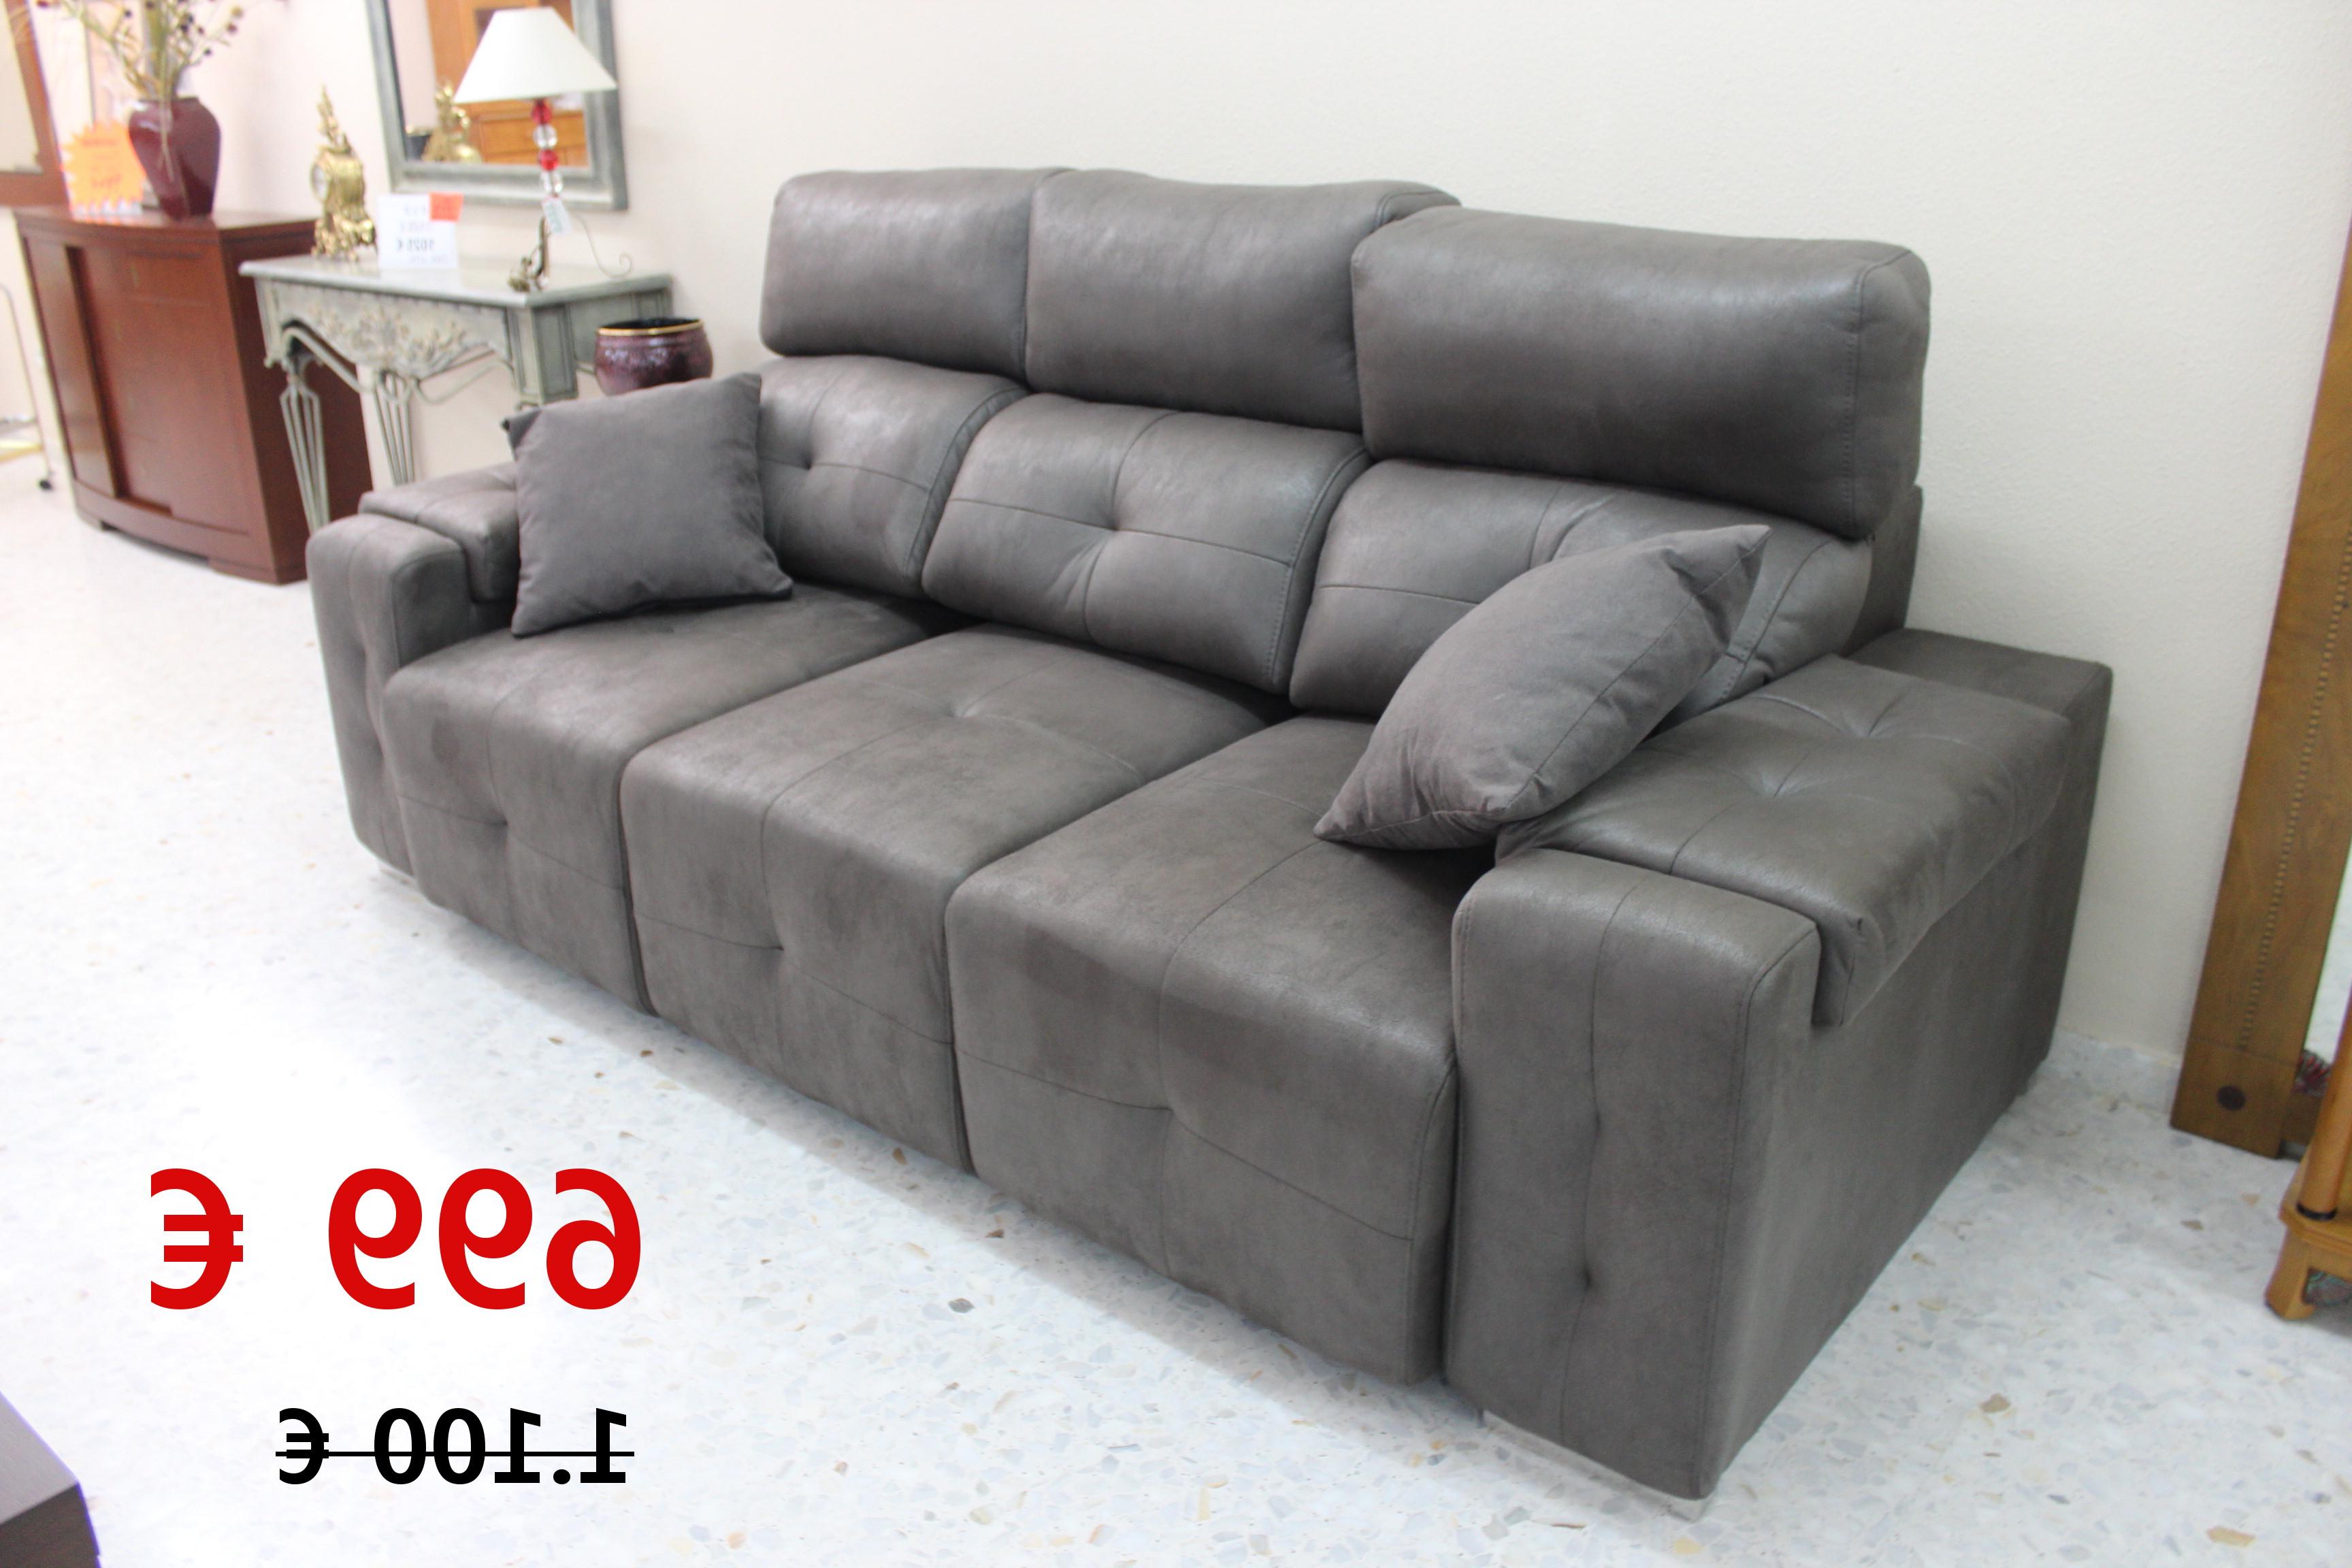 Sofa Deslizante Ipdd sofà 3 Plazas Deslizante En Cama 240cm Con Arcon Tapizado